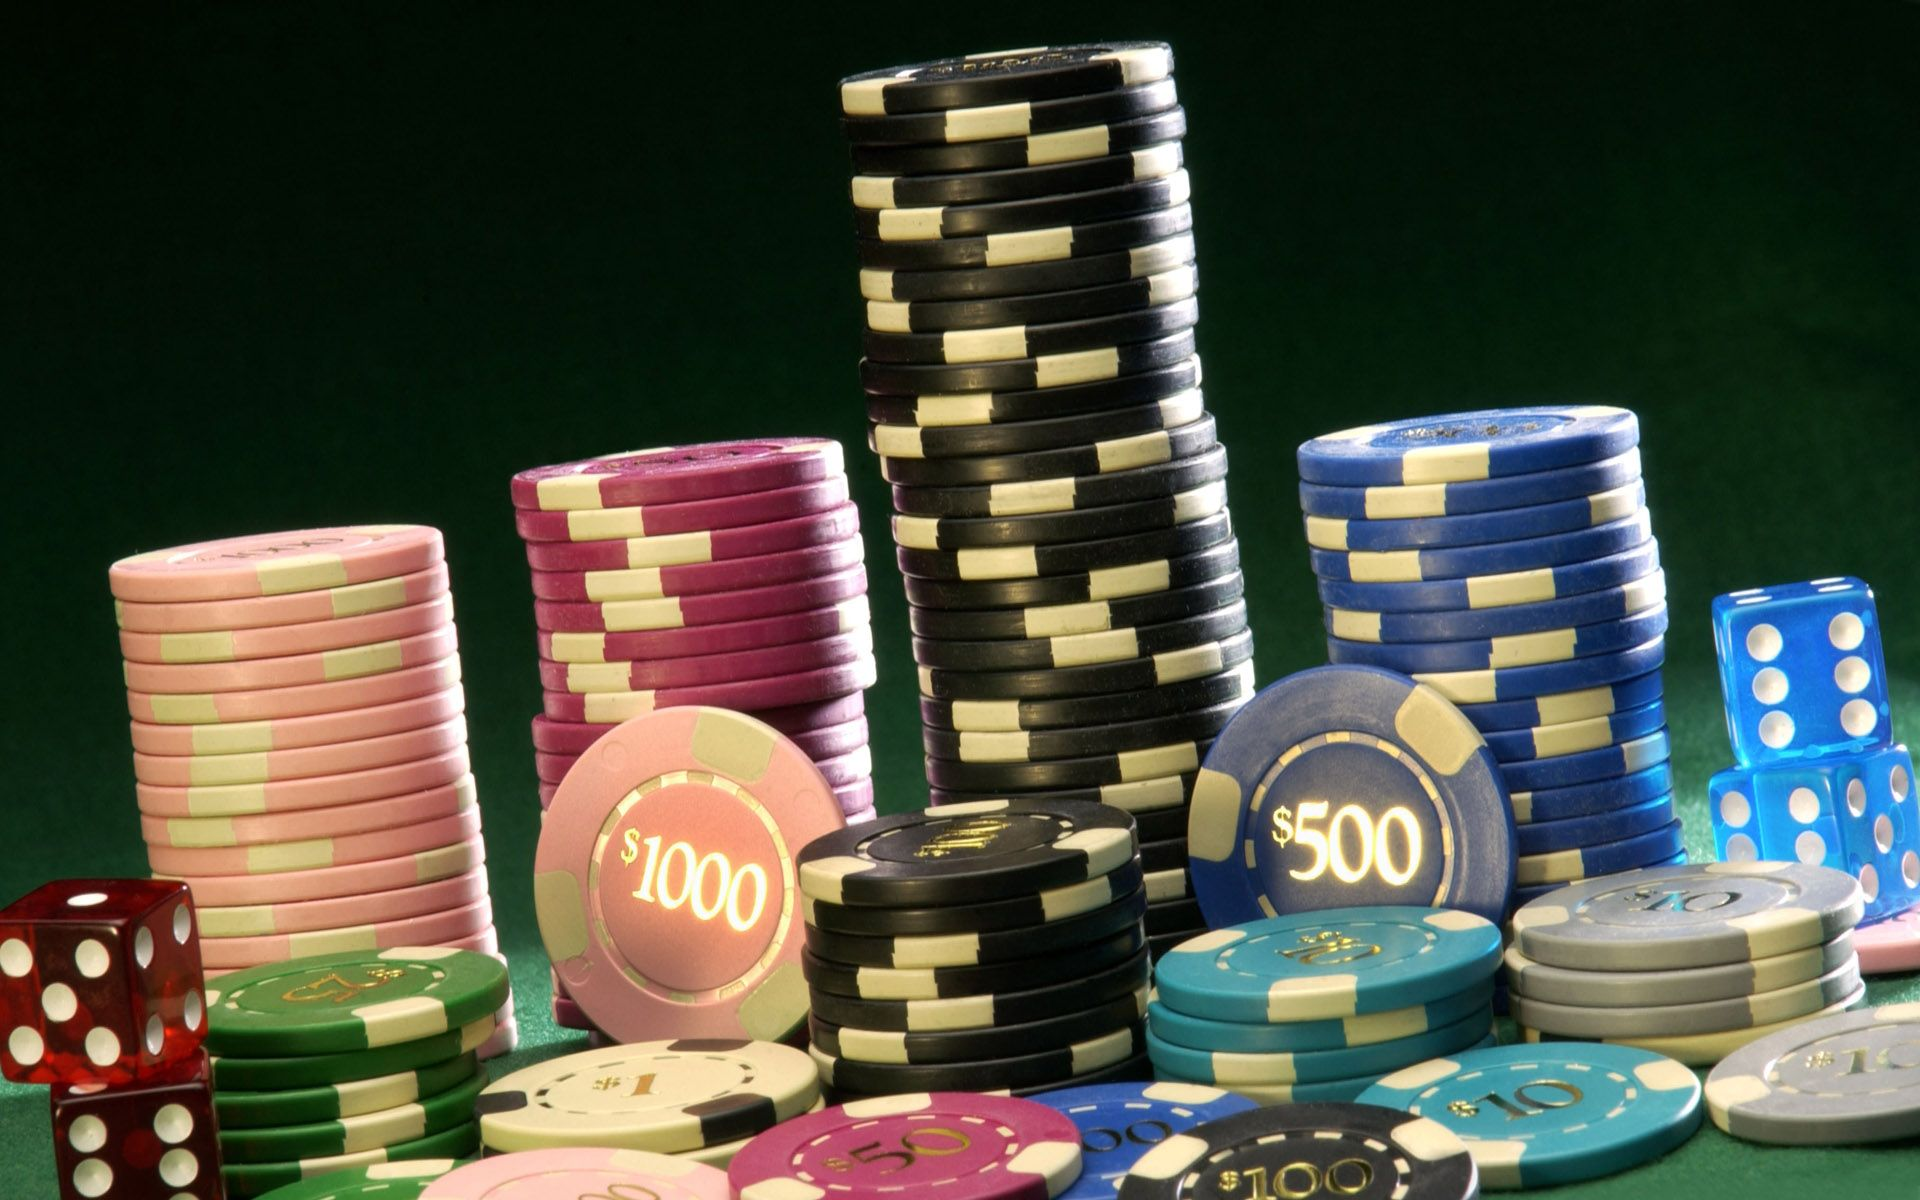 реальные на старс покер бесплатно деньги онлайн